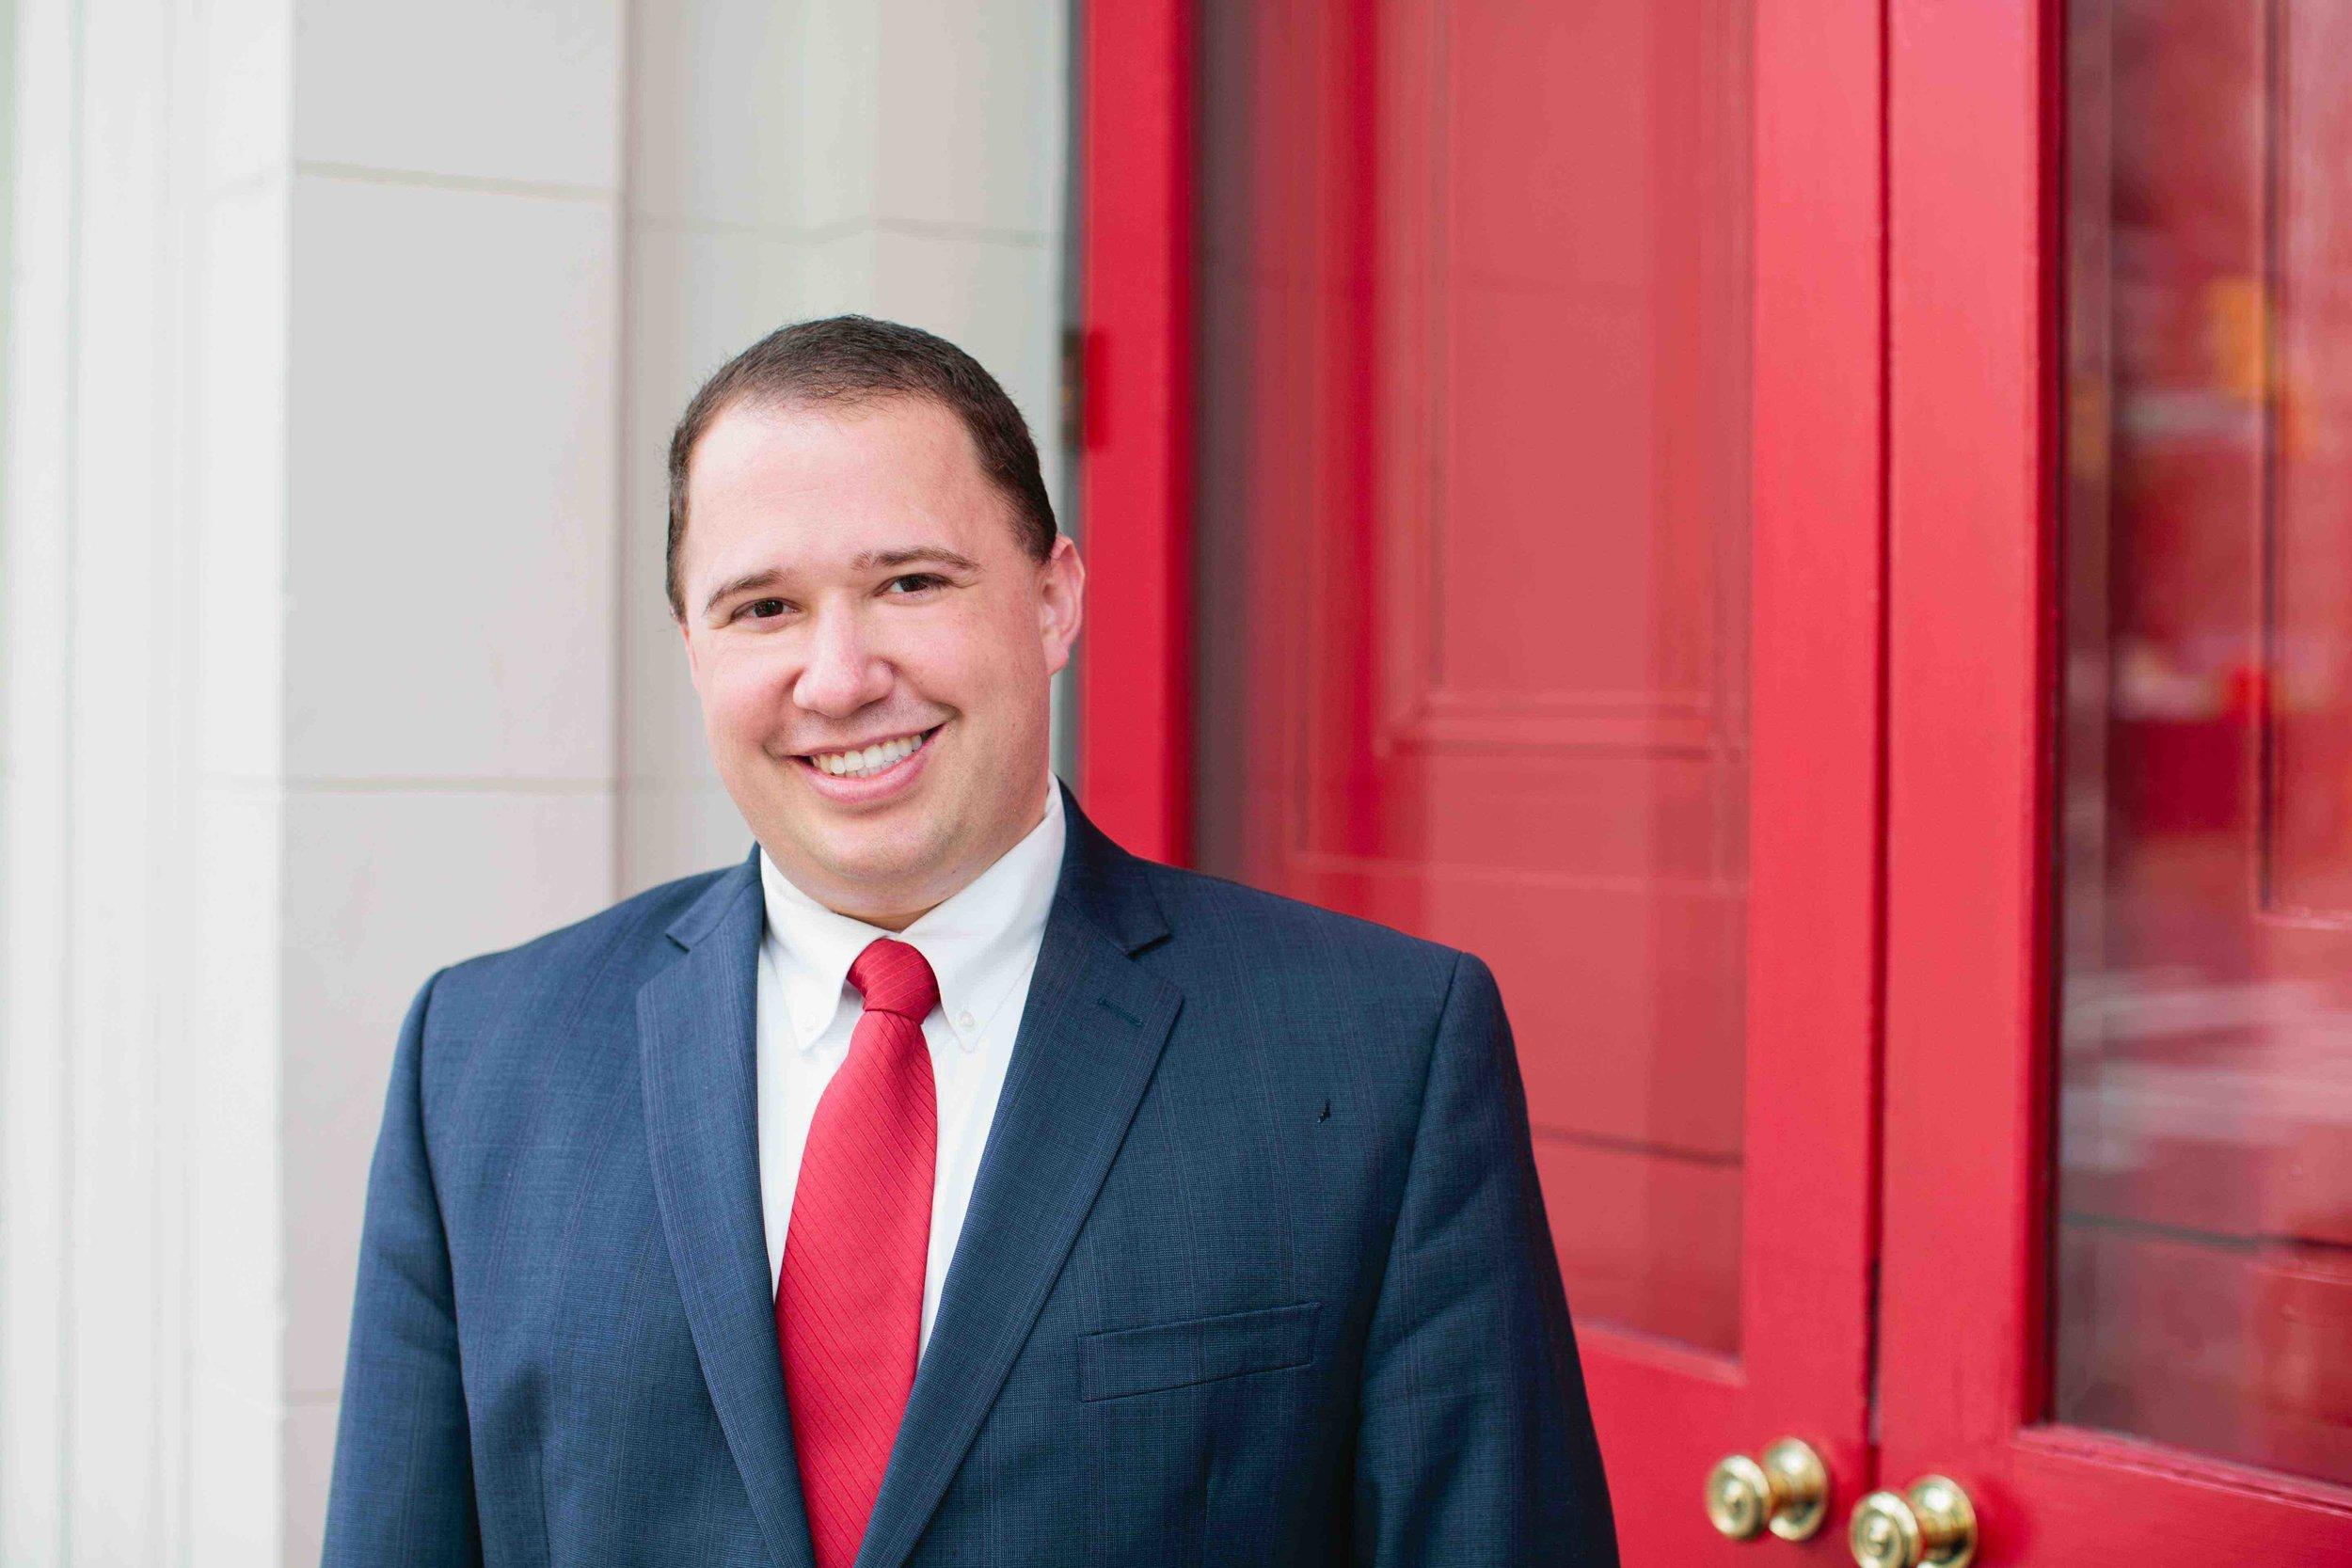 Bilingual Richmond Lawyer Jesse Baez